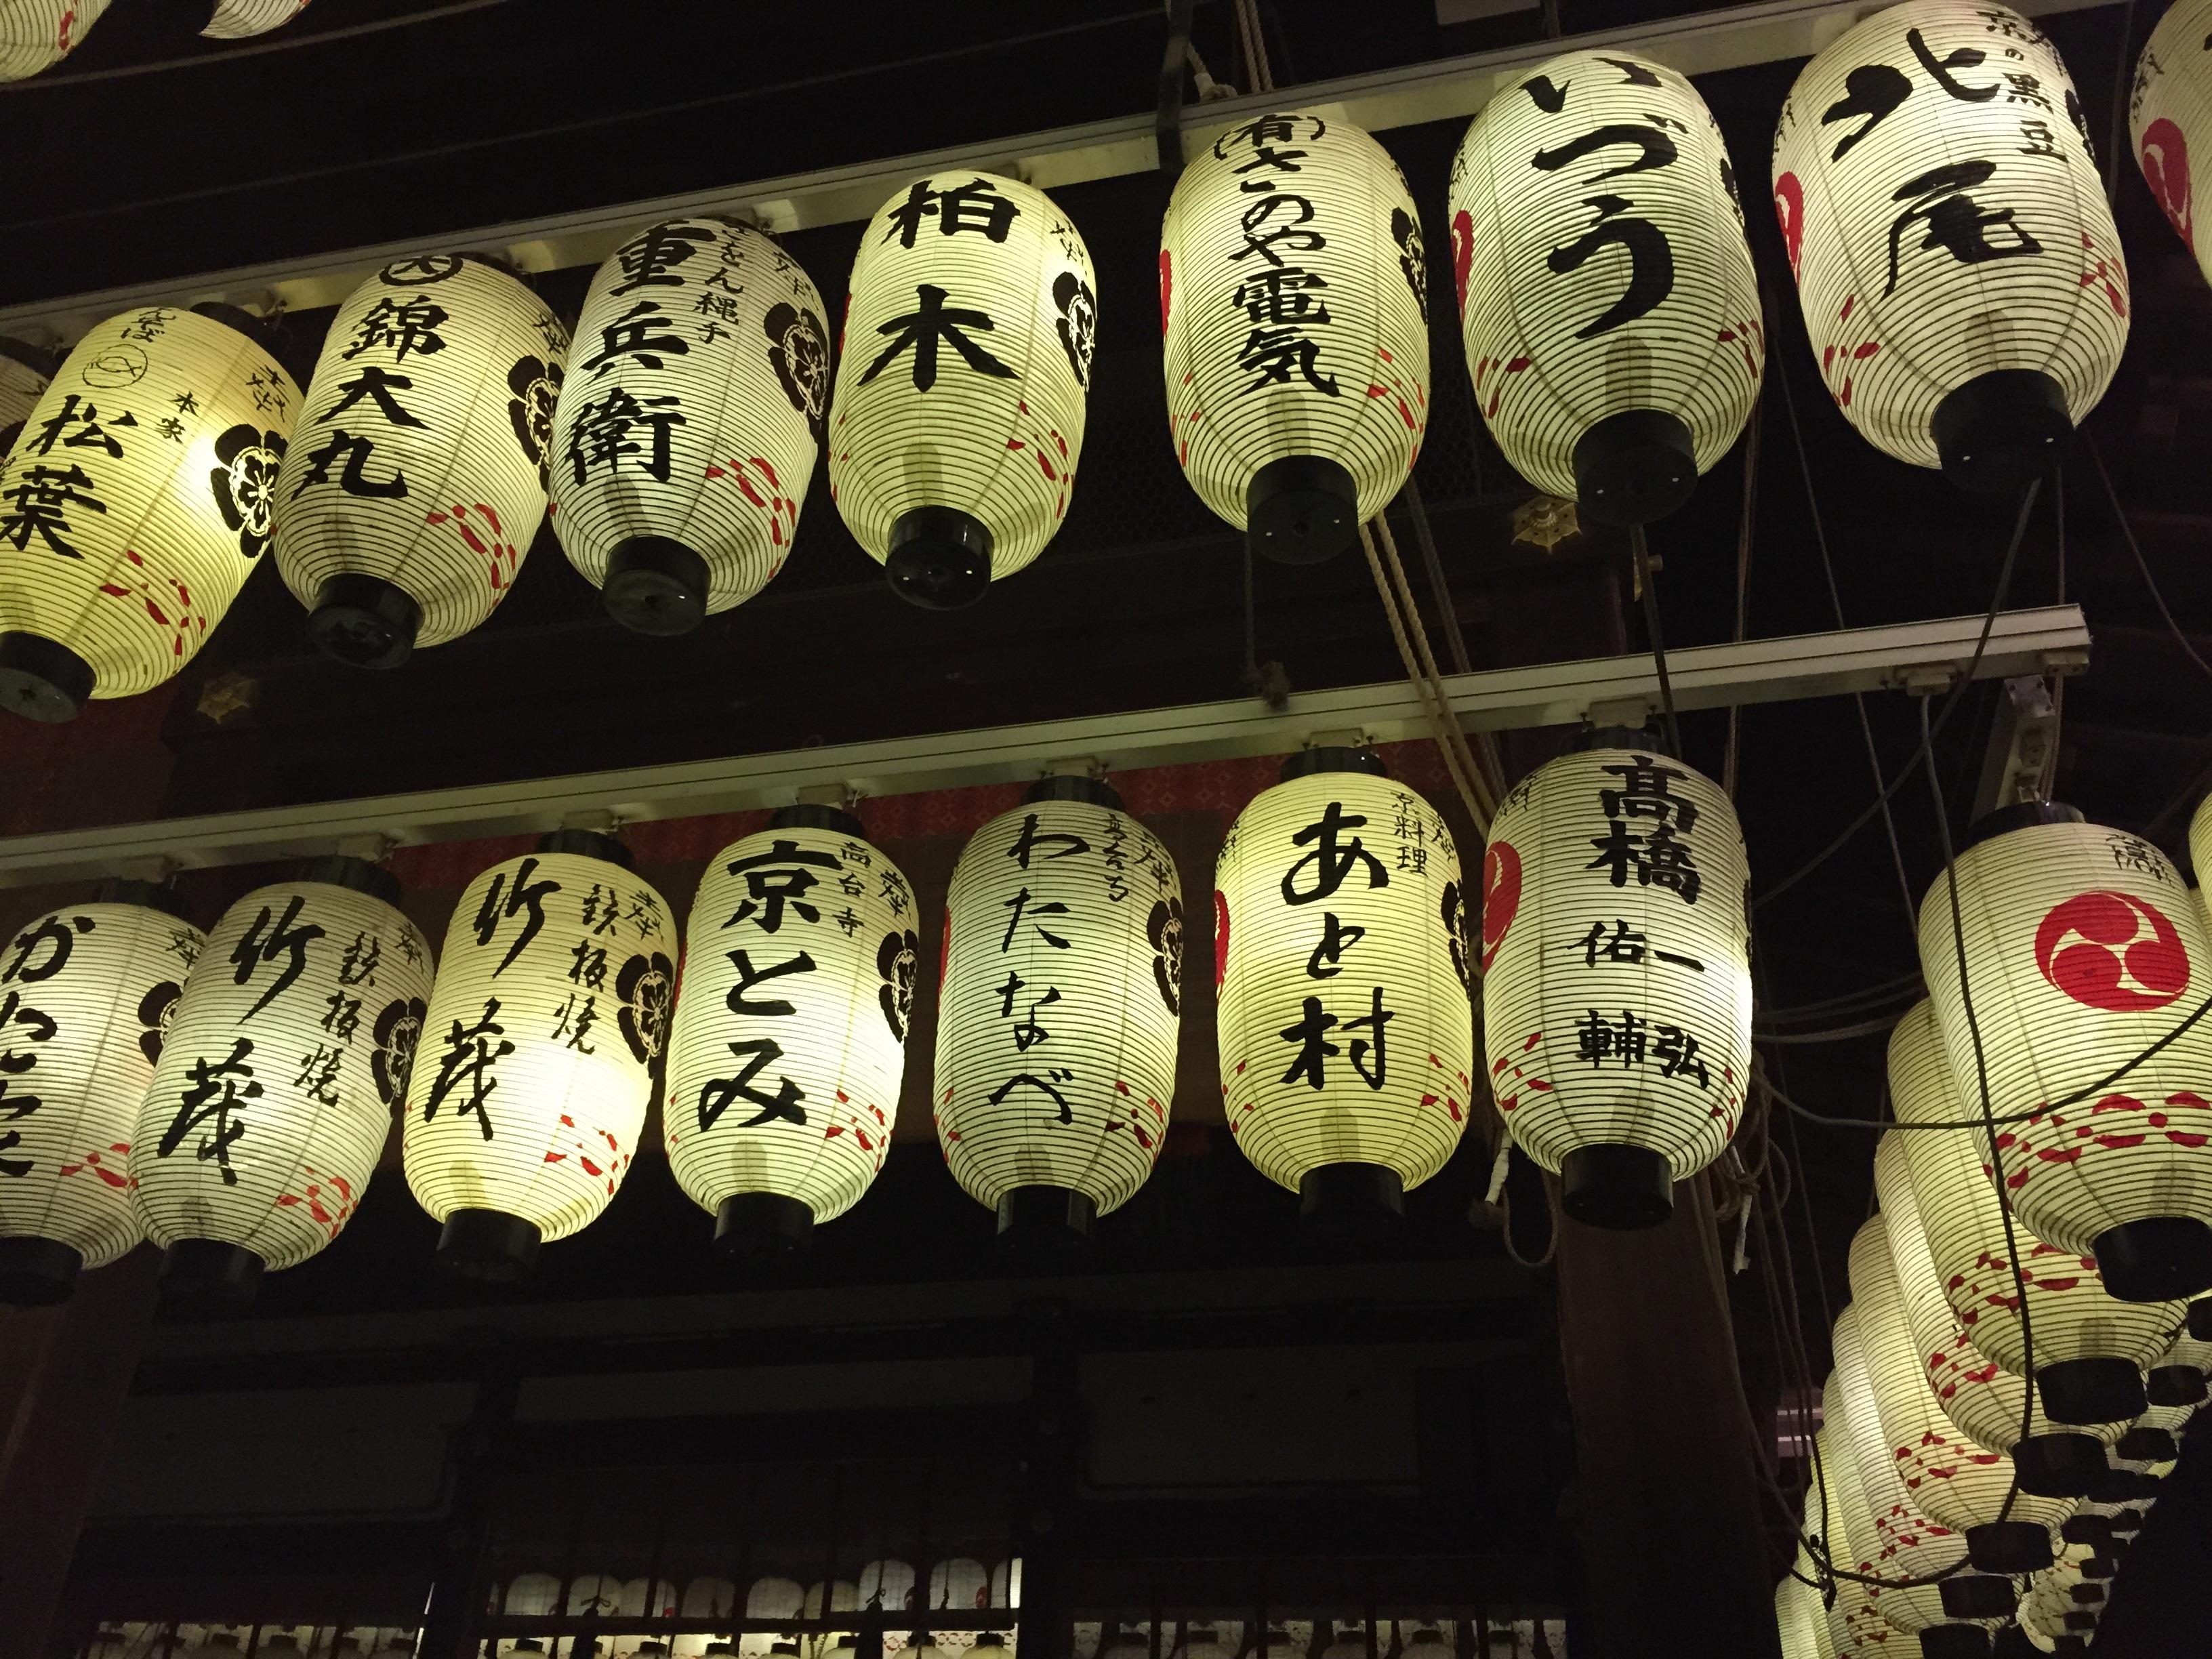 Hình Ảnh : Màu, Nhật Bản, Nghệ Thuật, Đèn Lồng, Kyoto 3264x2448